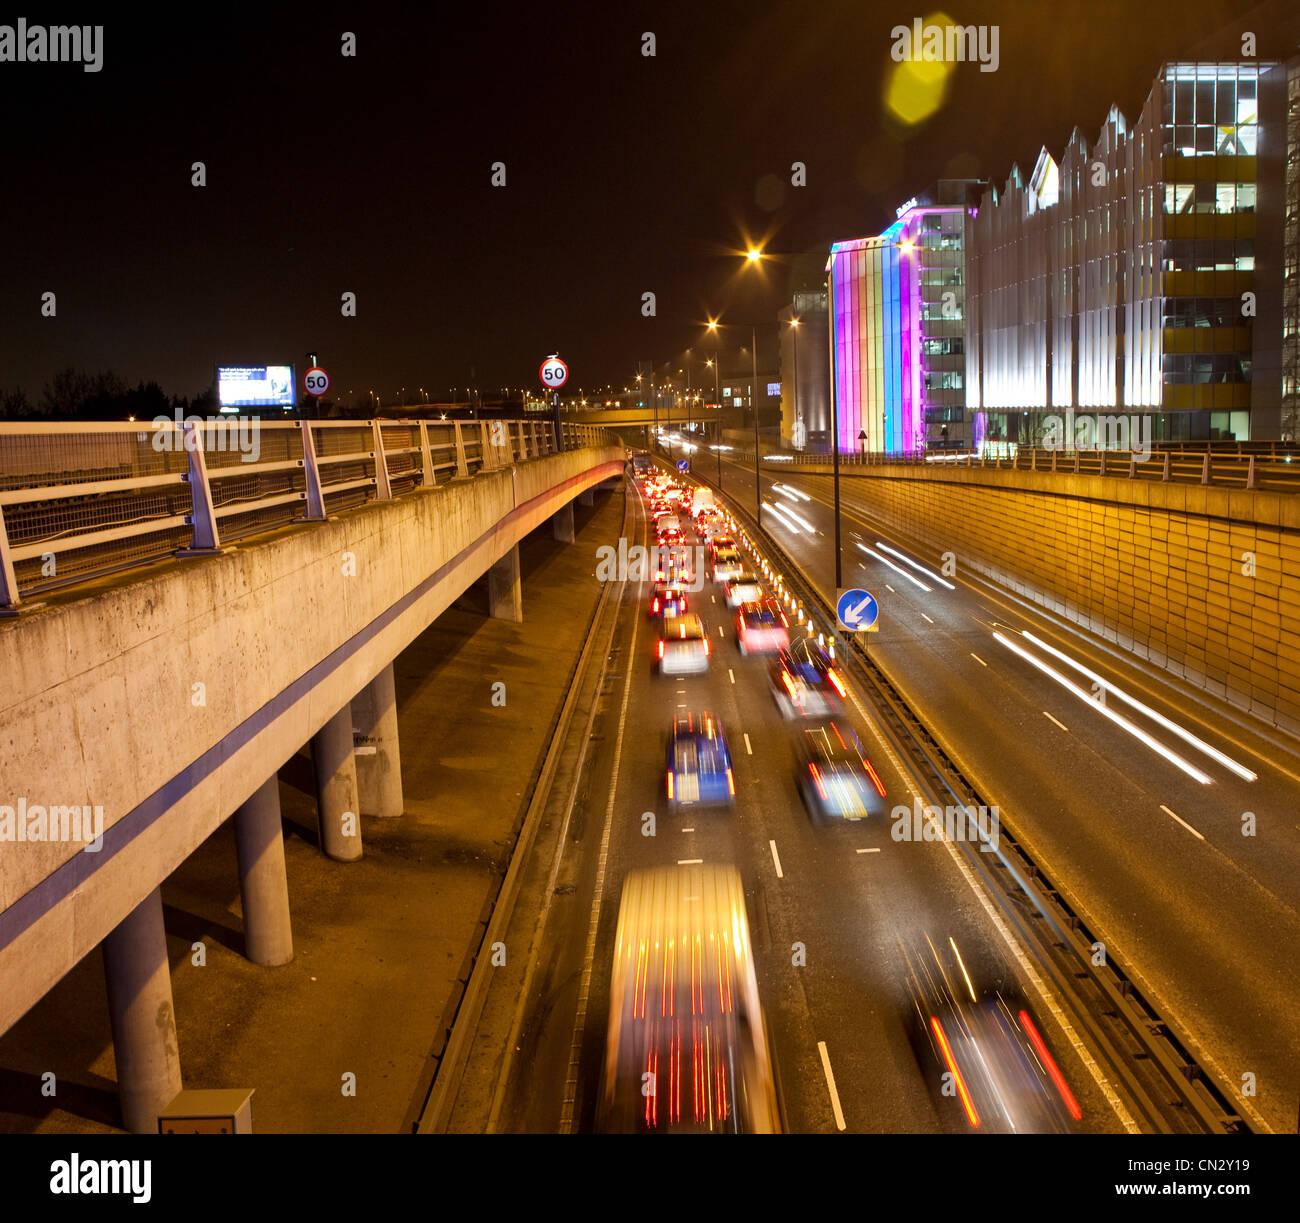 Il traffico su strada in scena urbana di notte, Londra, Inghilterra Immagini Stock